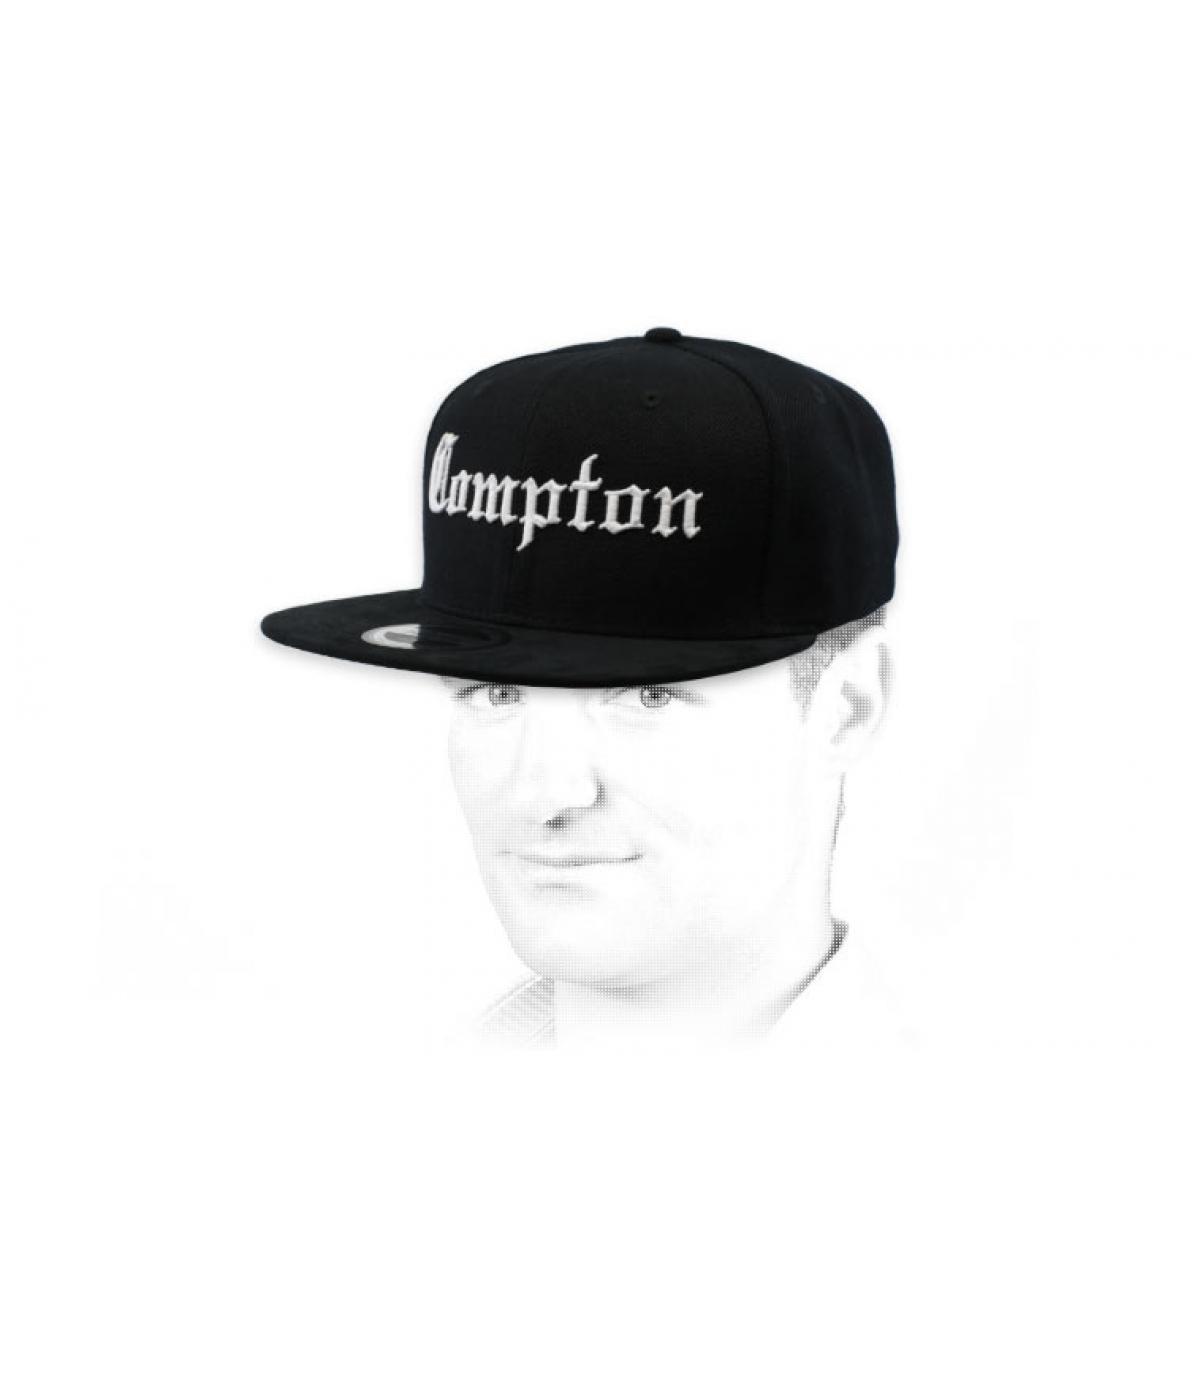 bdd04b582b871 Casquette Hip Hop, Rap US & Français, Casquette visière plate - Headict